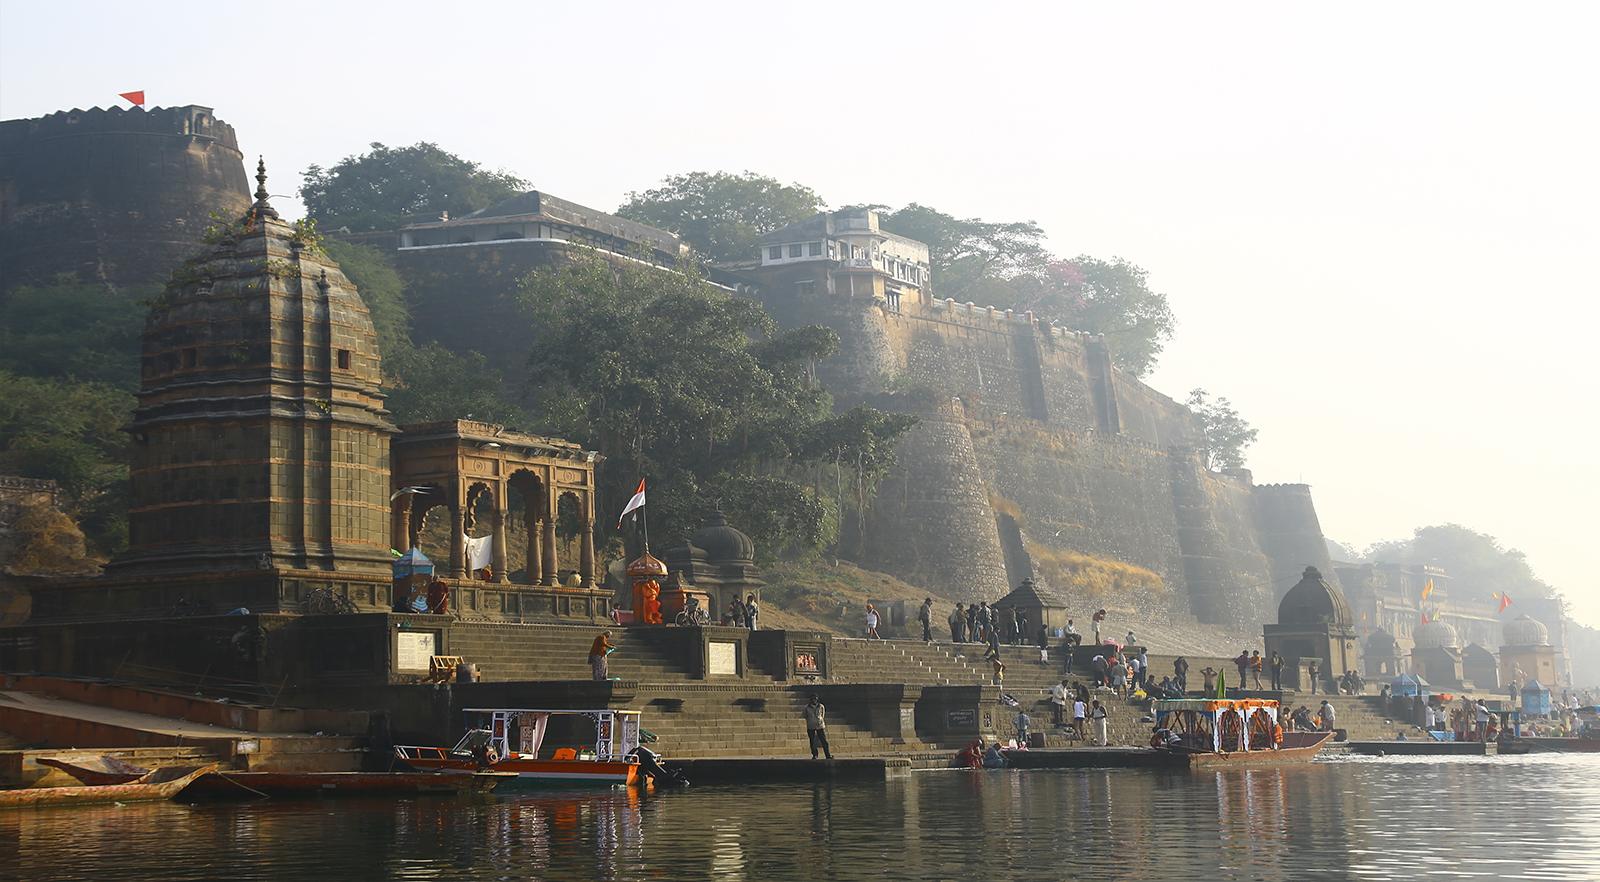 Maheswar Fort